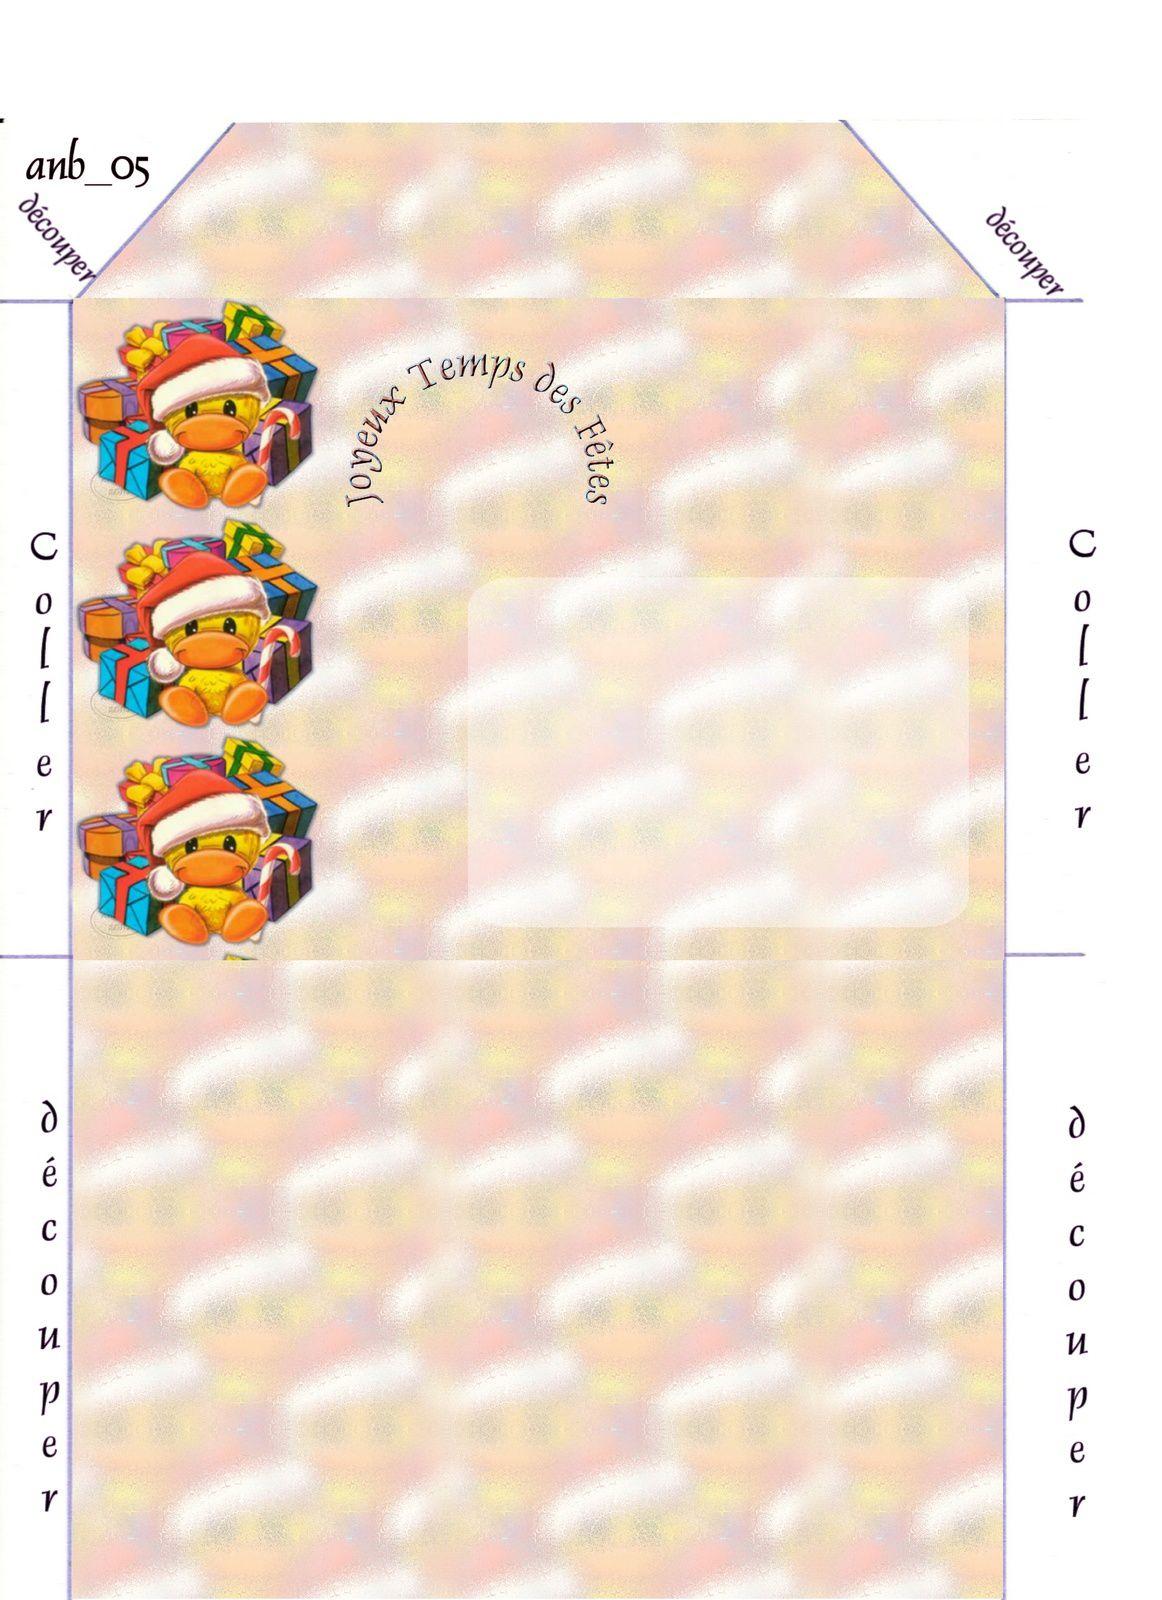 Joyeux Temps des Fêtes Canard Cadeaux IM &amp&#x3B; Papier A4 h l &amp&#x3B; outlook &amp&#x3B; enveloppe &amp&#x3B; 2 cartes A5 &amp&#x3B; signets joyeux_temps_canard_cadeaux